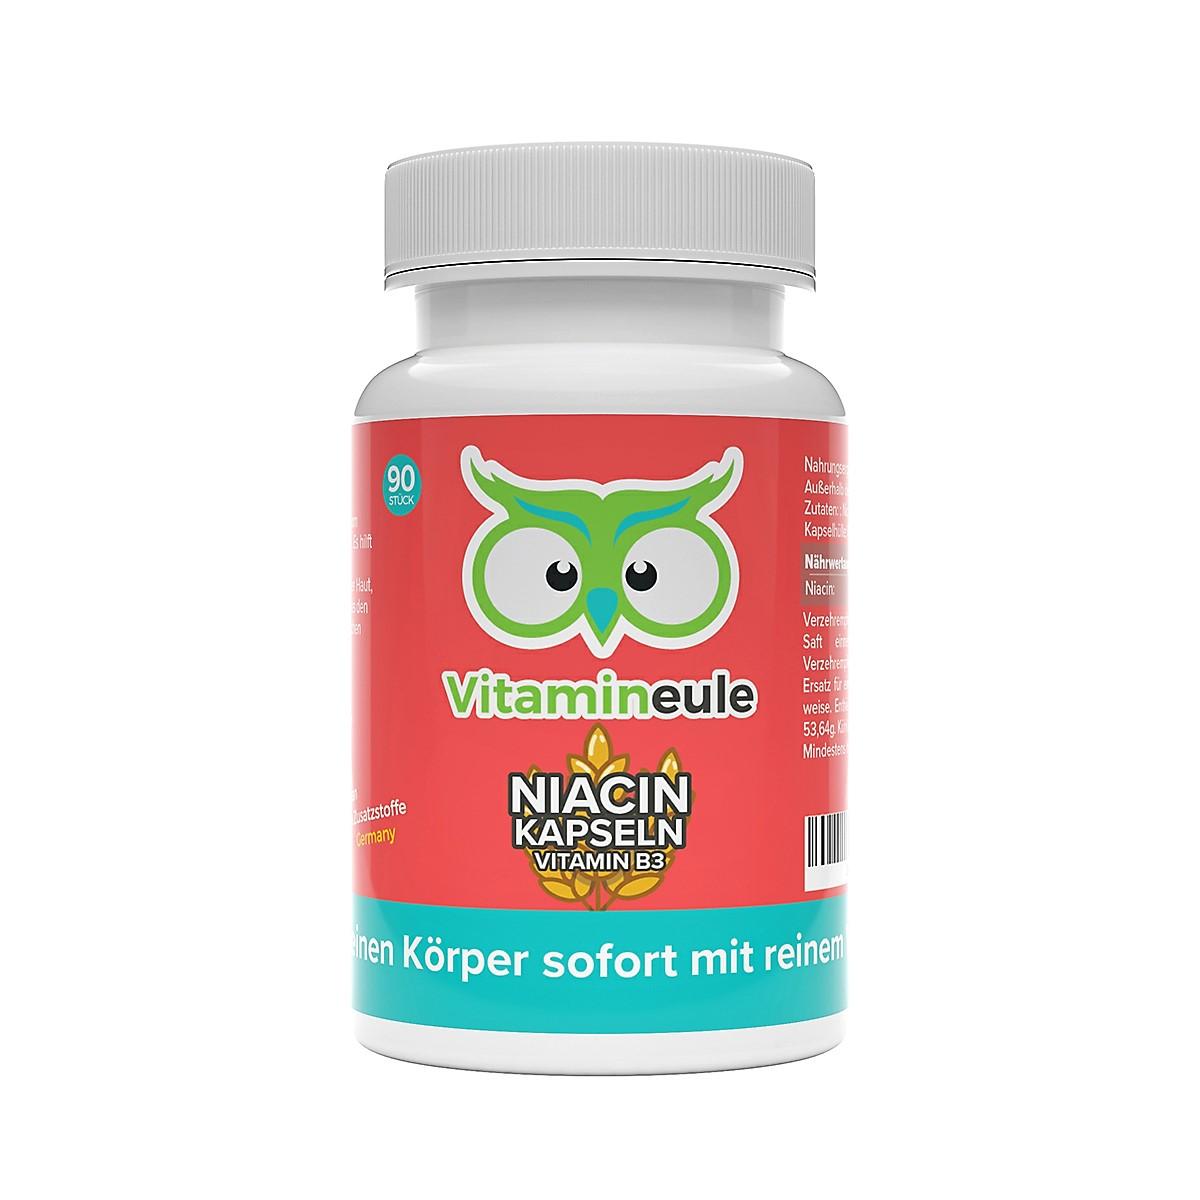 Niacin Kapseln von Vitamineule ohne Zusatzstoffe